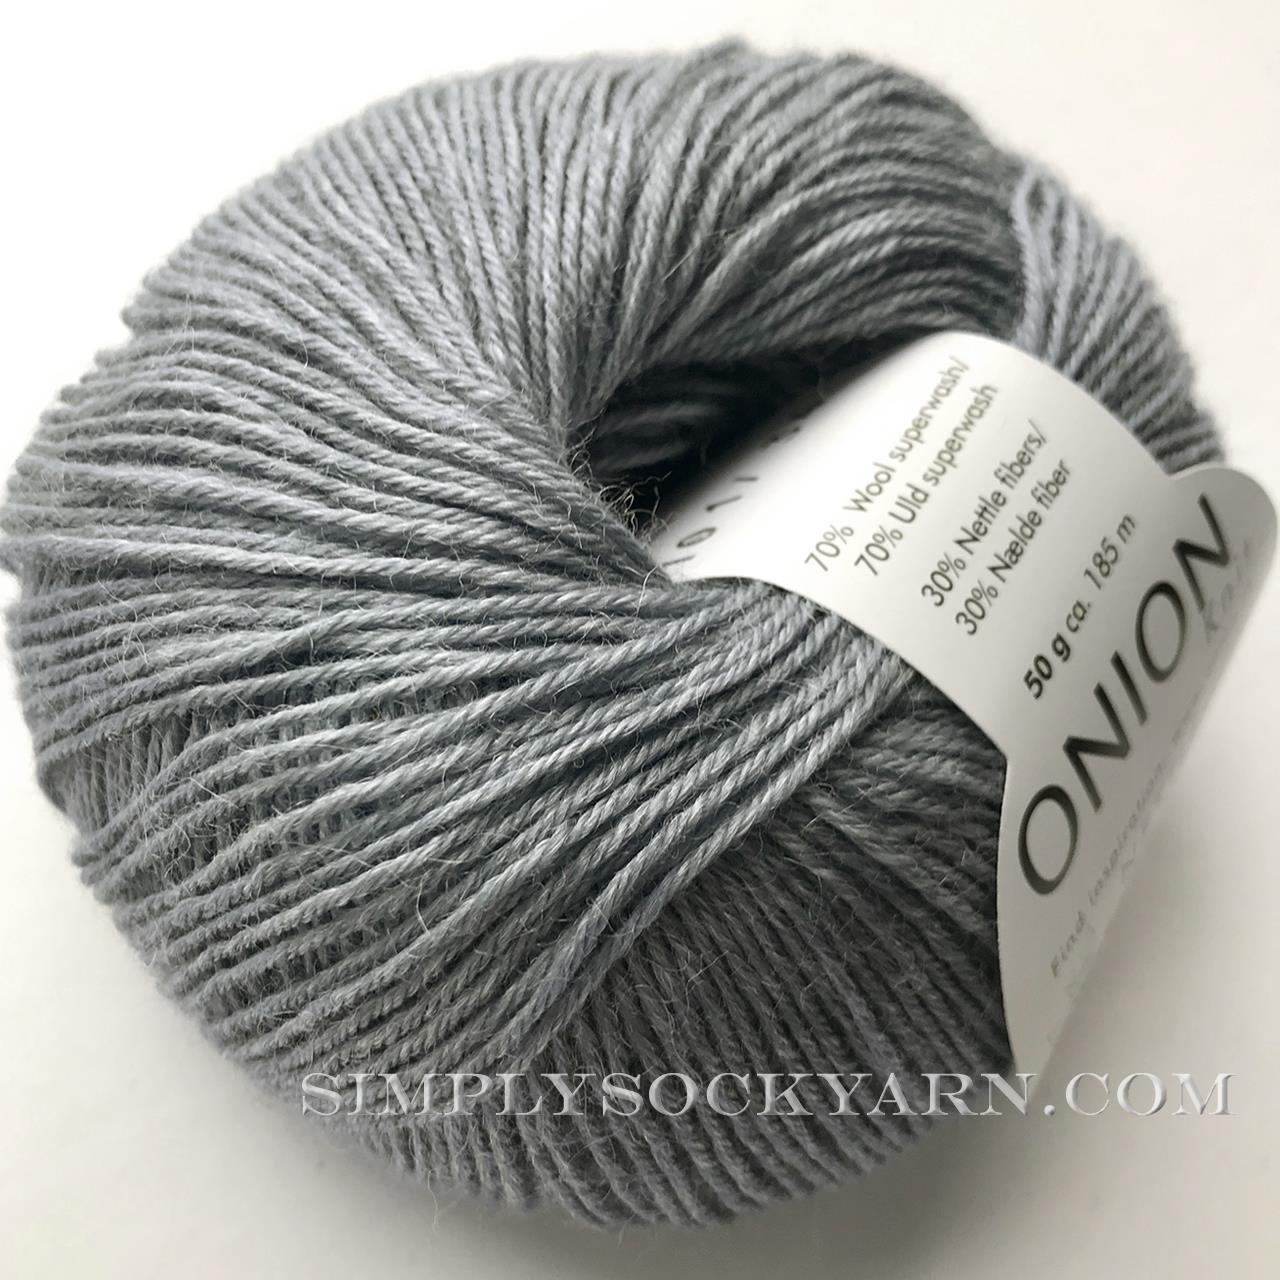 OY Nettle Sock 1017 Gray -